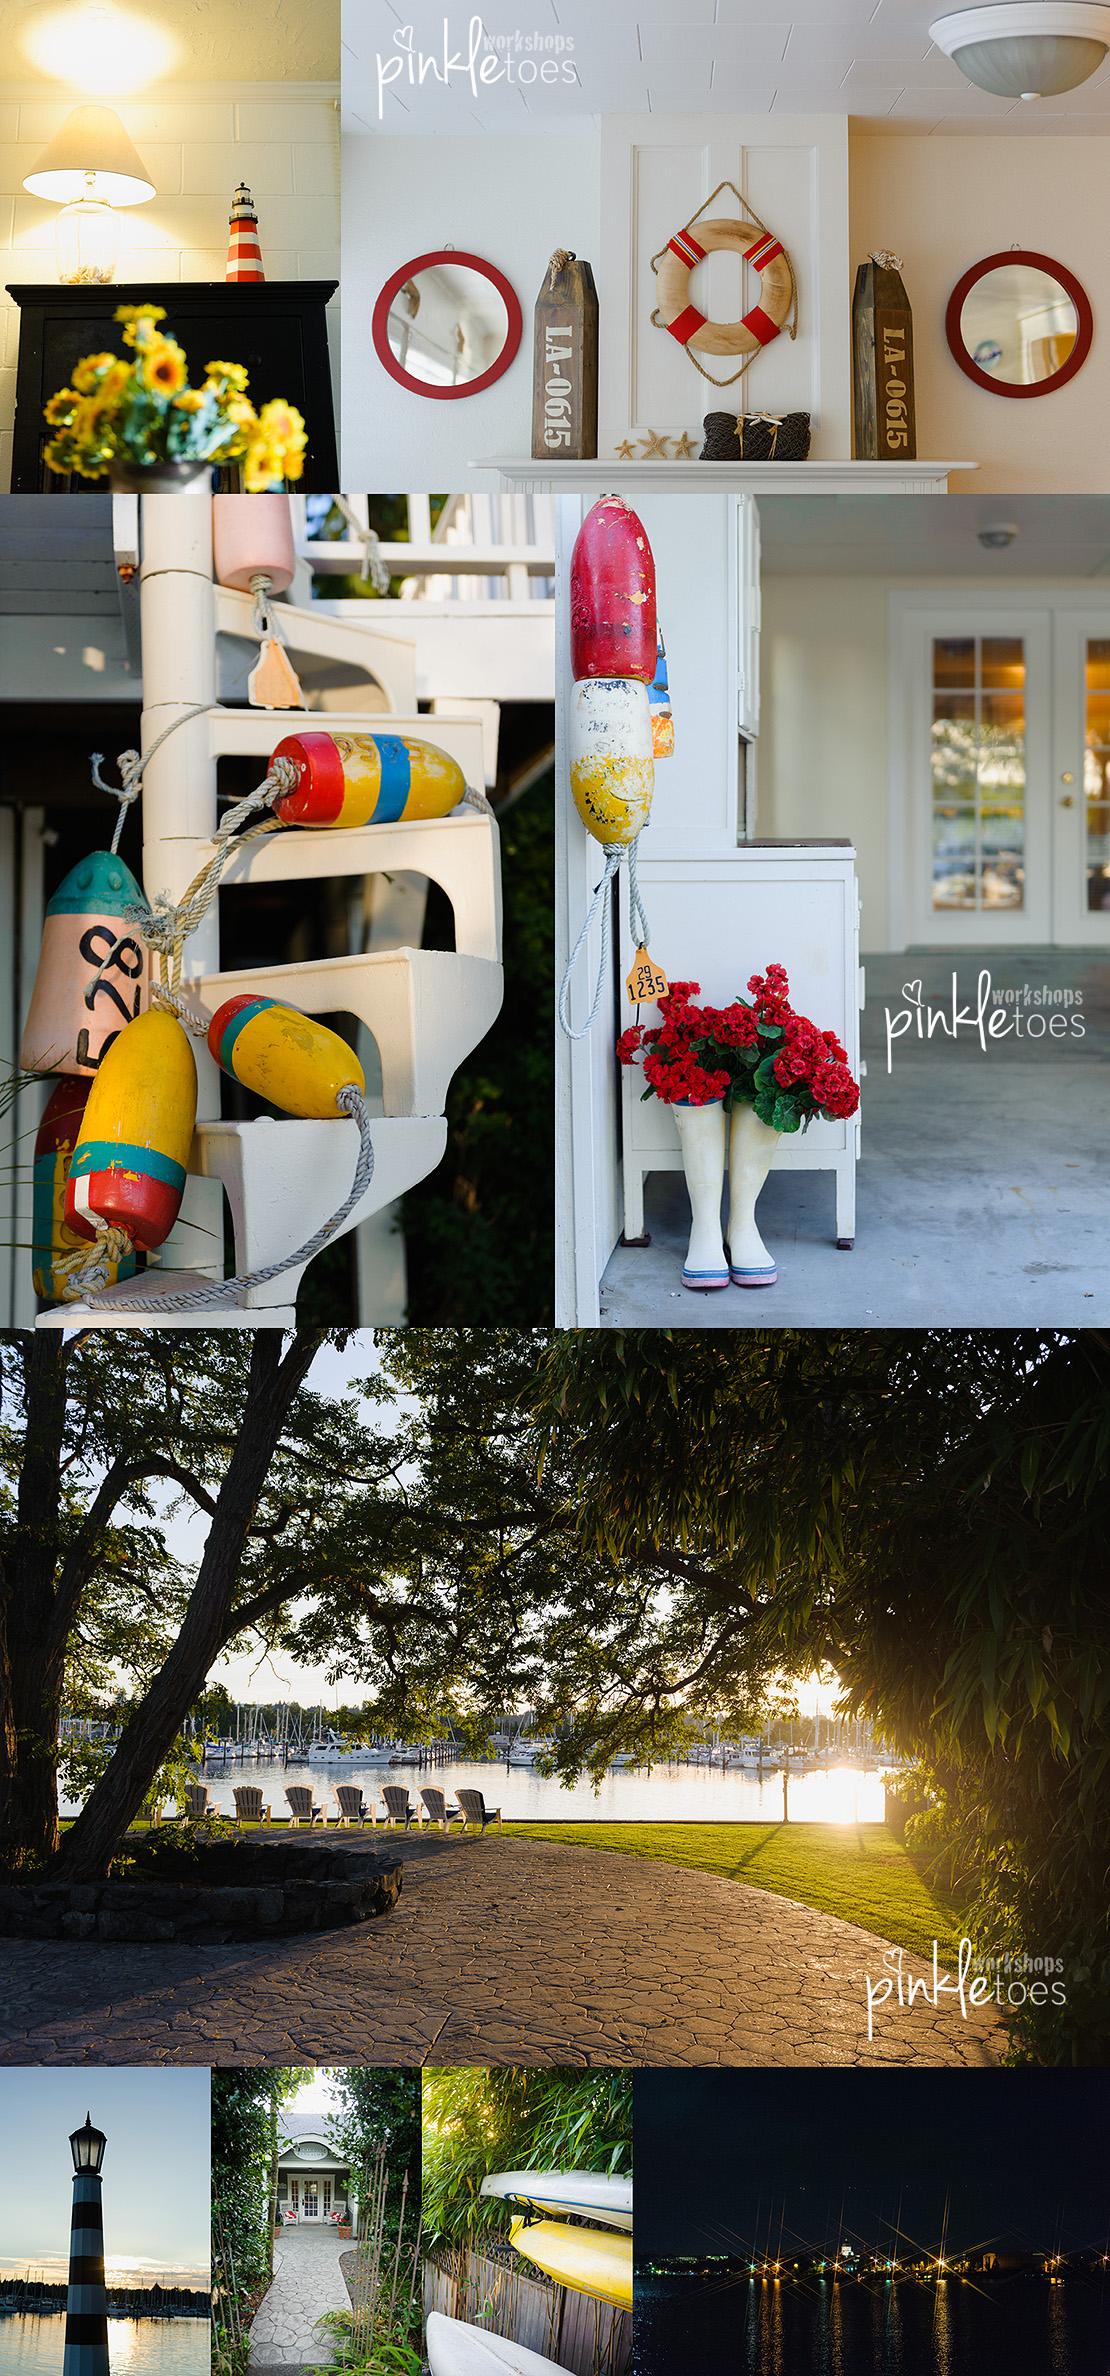 house-photography-workshop-pinkle-toes-olympia-washington-sydney-australia